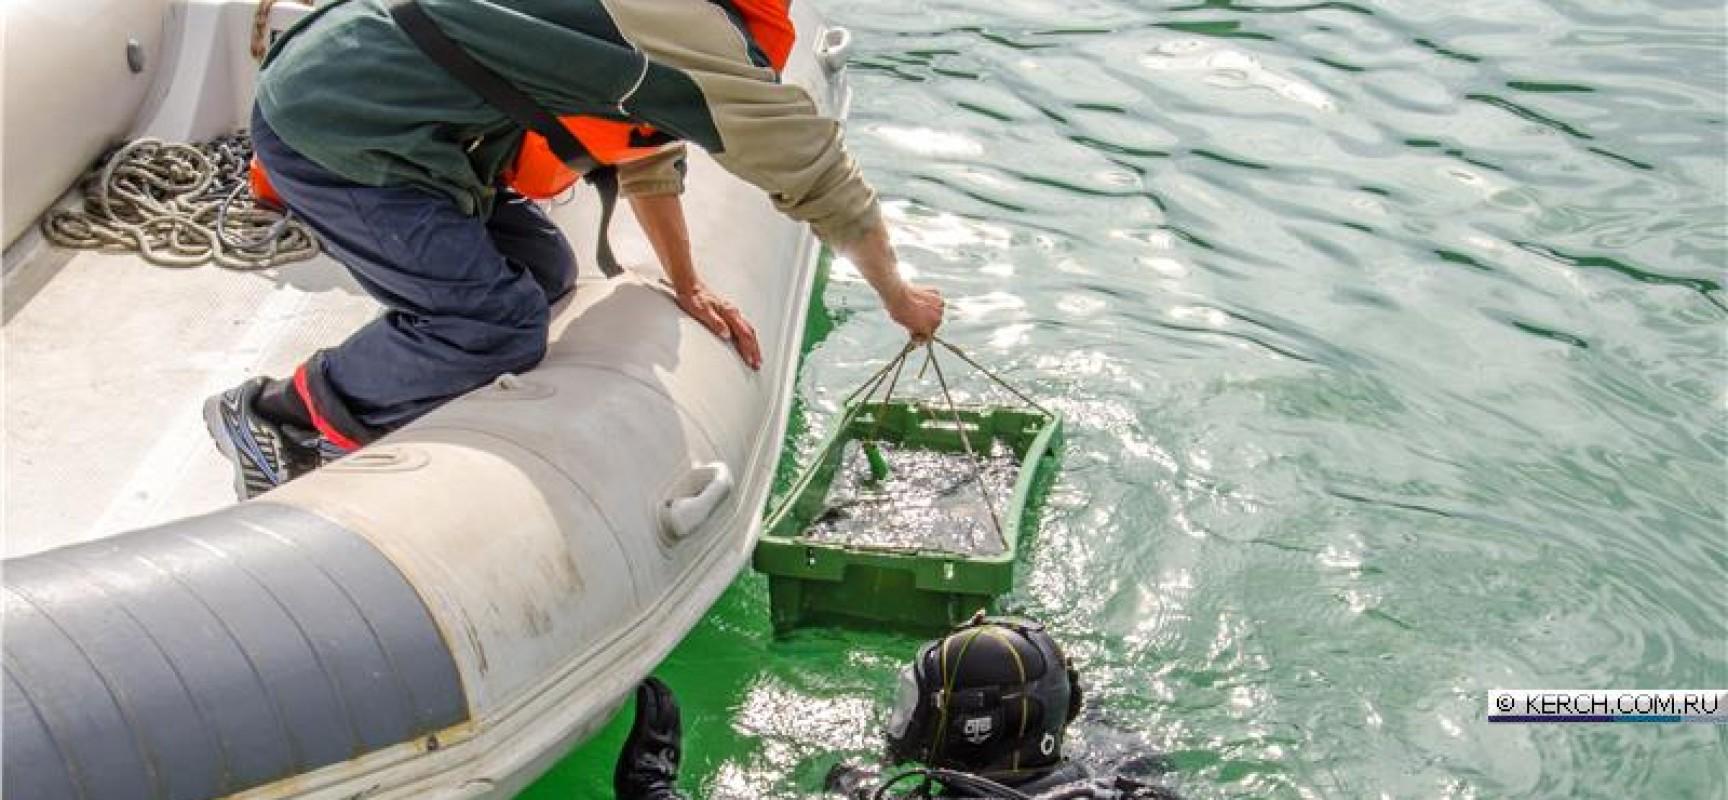 Древнее «керамическое поле» исследуют под водой в районе мыса Ак-бурун